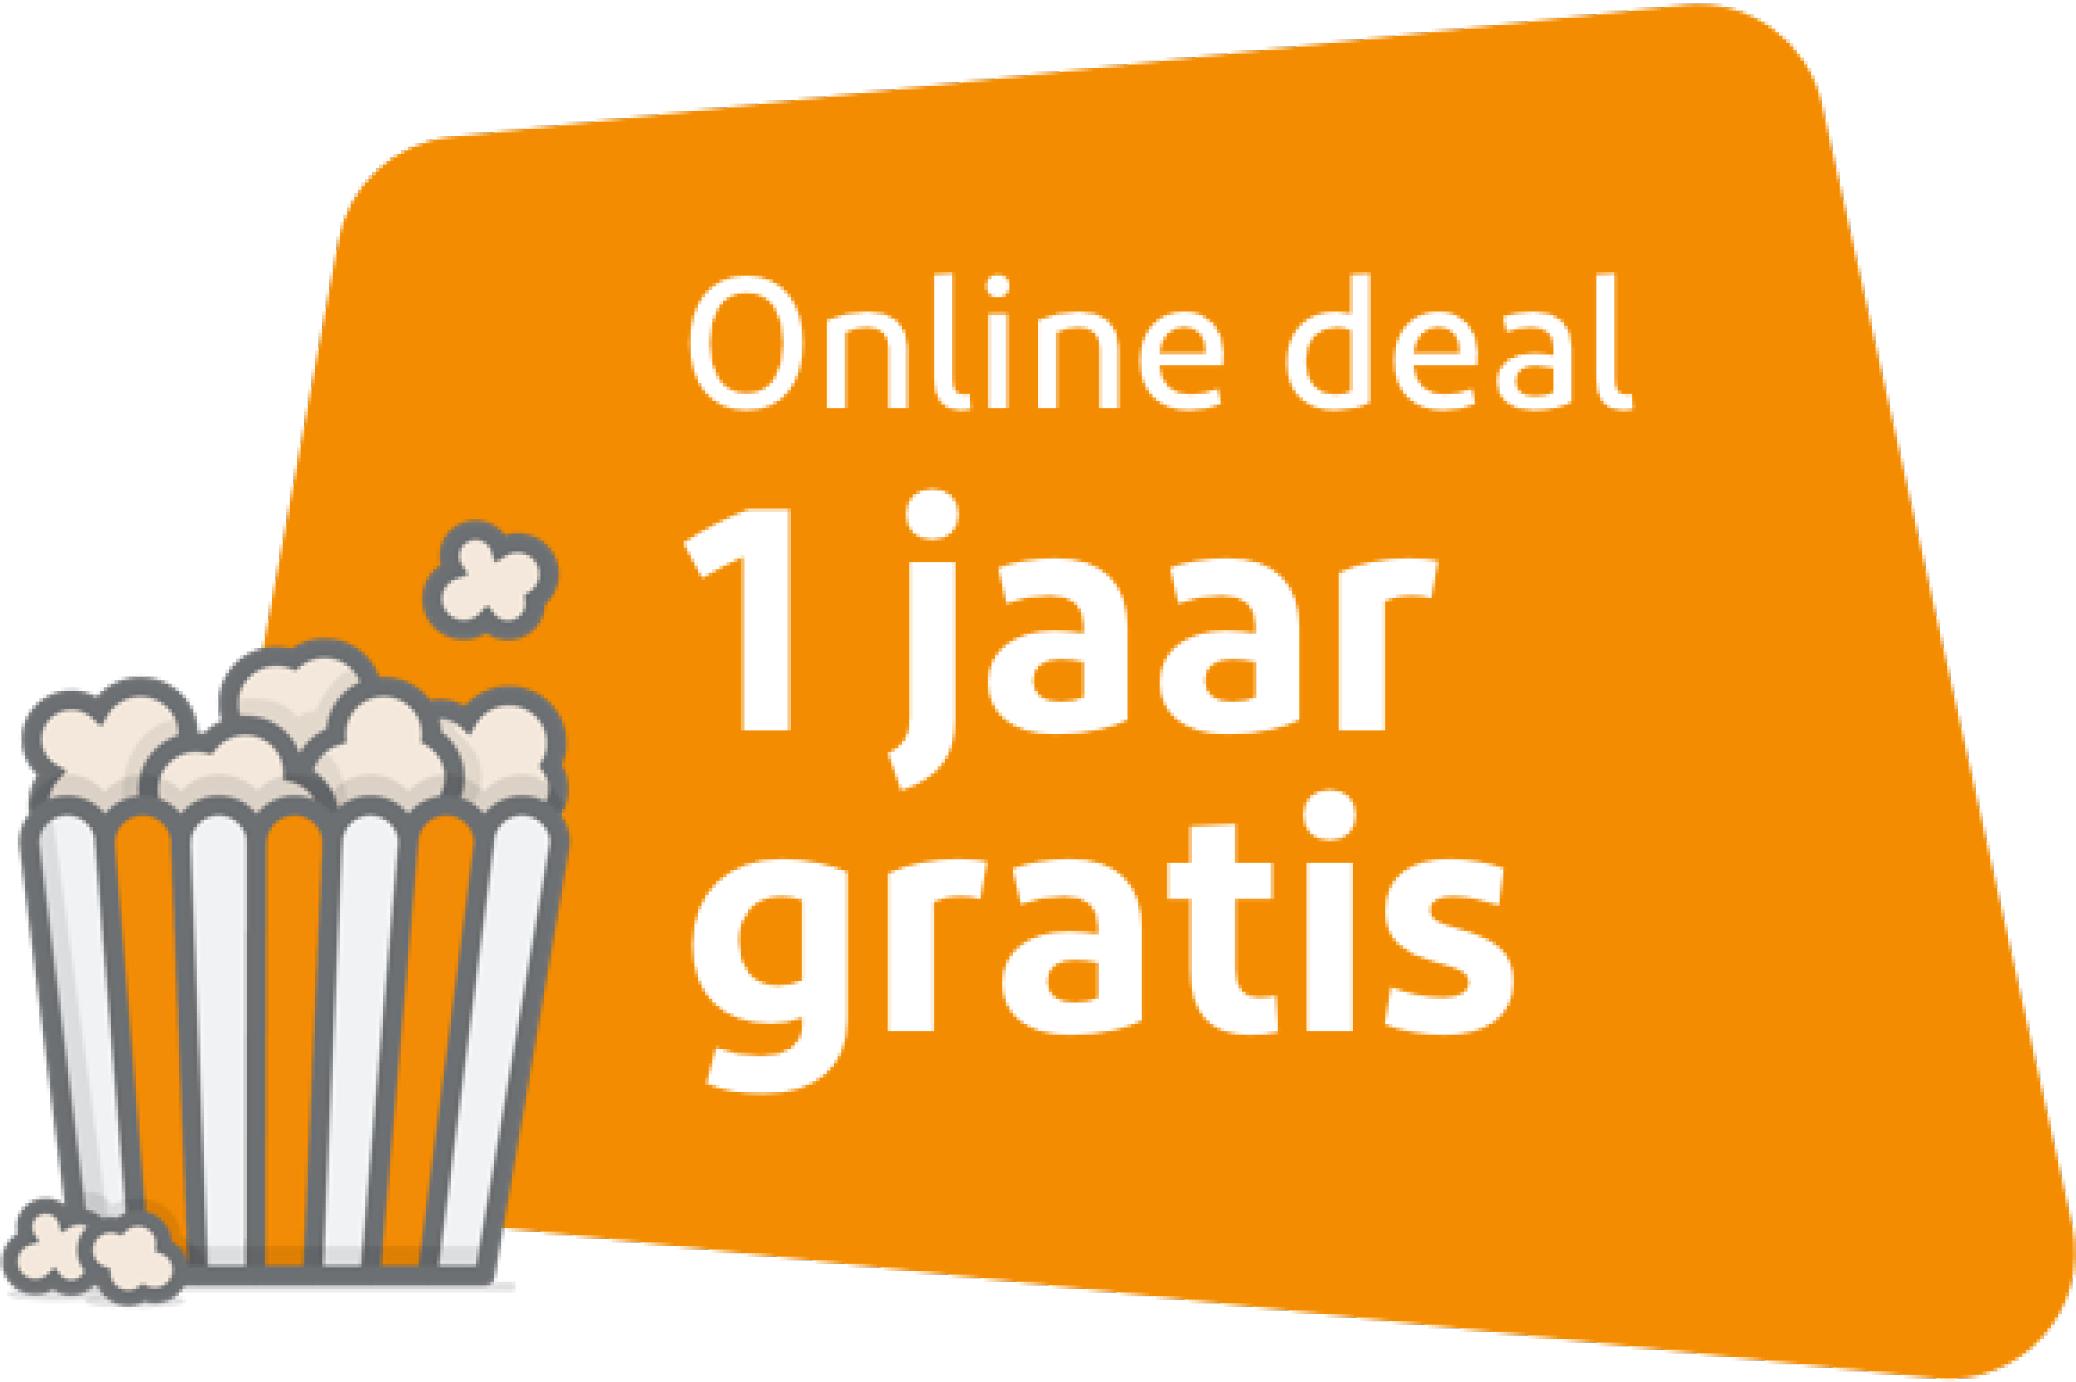 Tot 4 maanden gratis zakelijk internet en gratis 1 jaar movies & series XL bij Ziggo zakelijk.